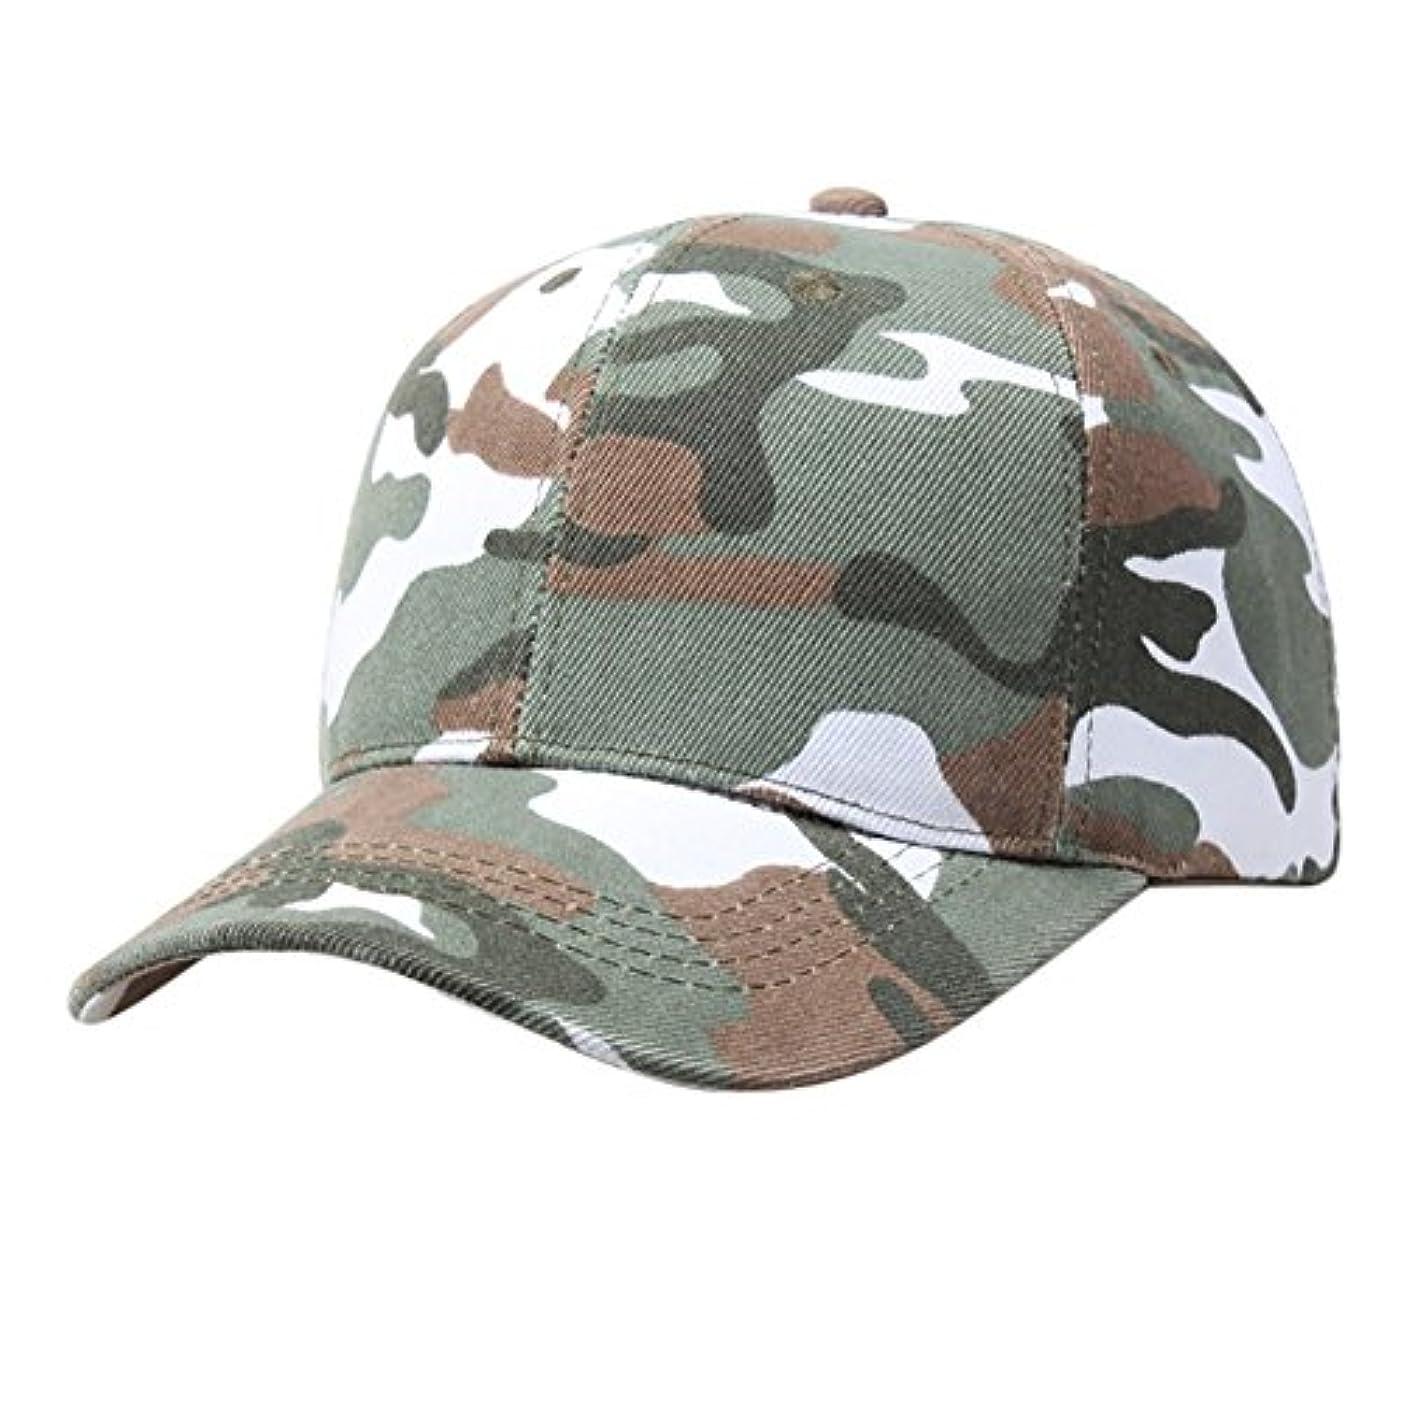 選挙サイレン素敵なRacazing Cap 迷彩 野球帽 軍用 通気性のある ヒップホップ 帽子 夏 登山 緑 可調整可能 棒球帽 男女兼用 UV 帽子 軽量 屋外 カモフラージュ Unisex Cap (緑)